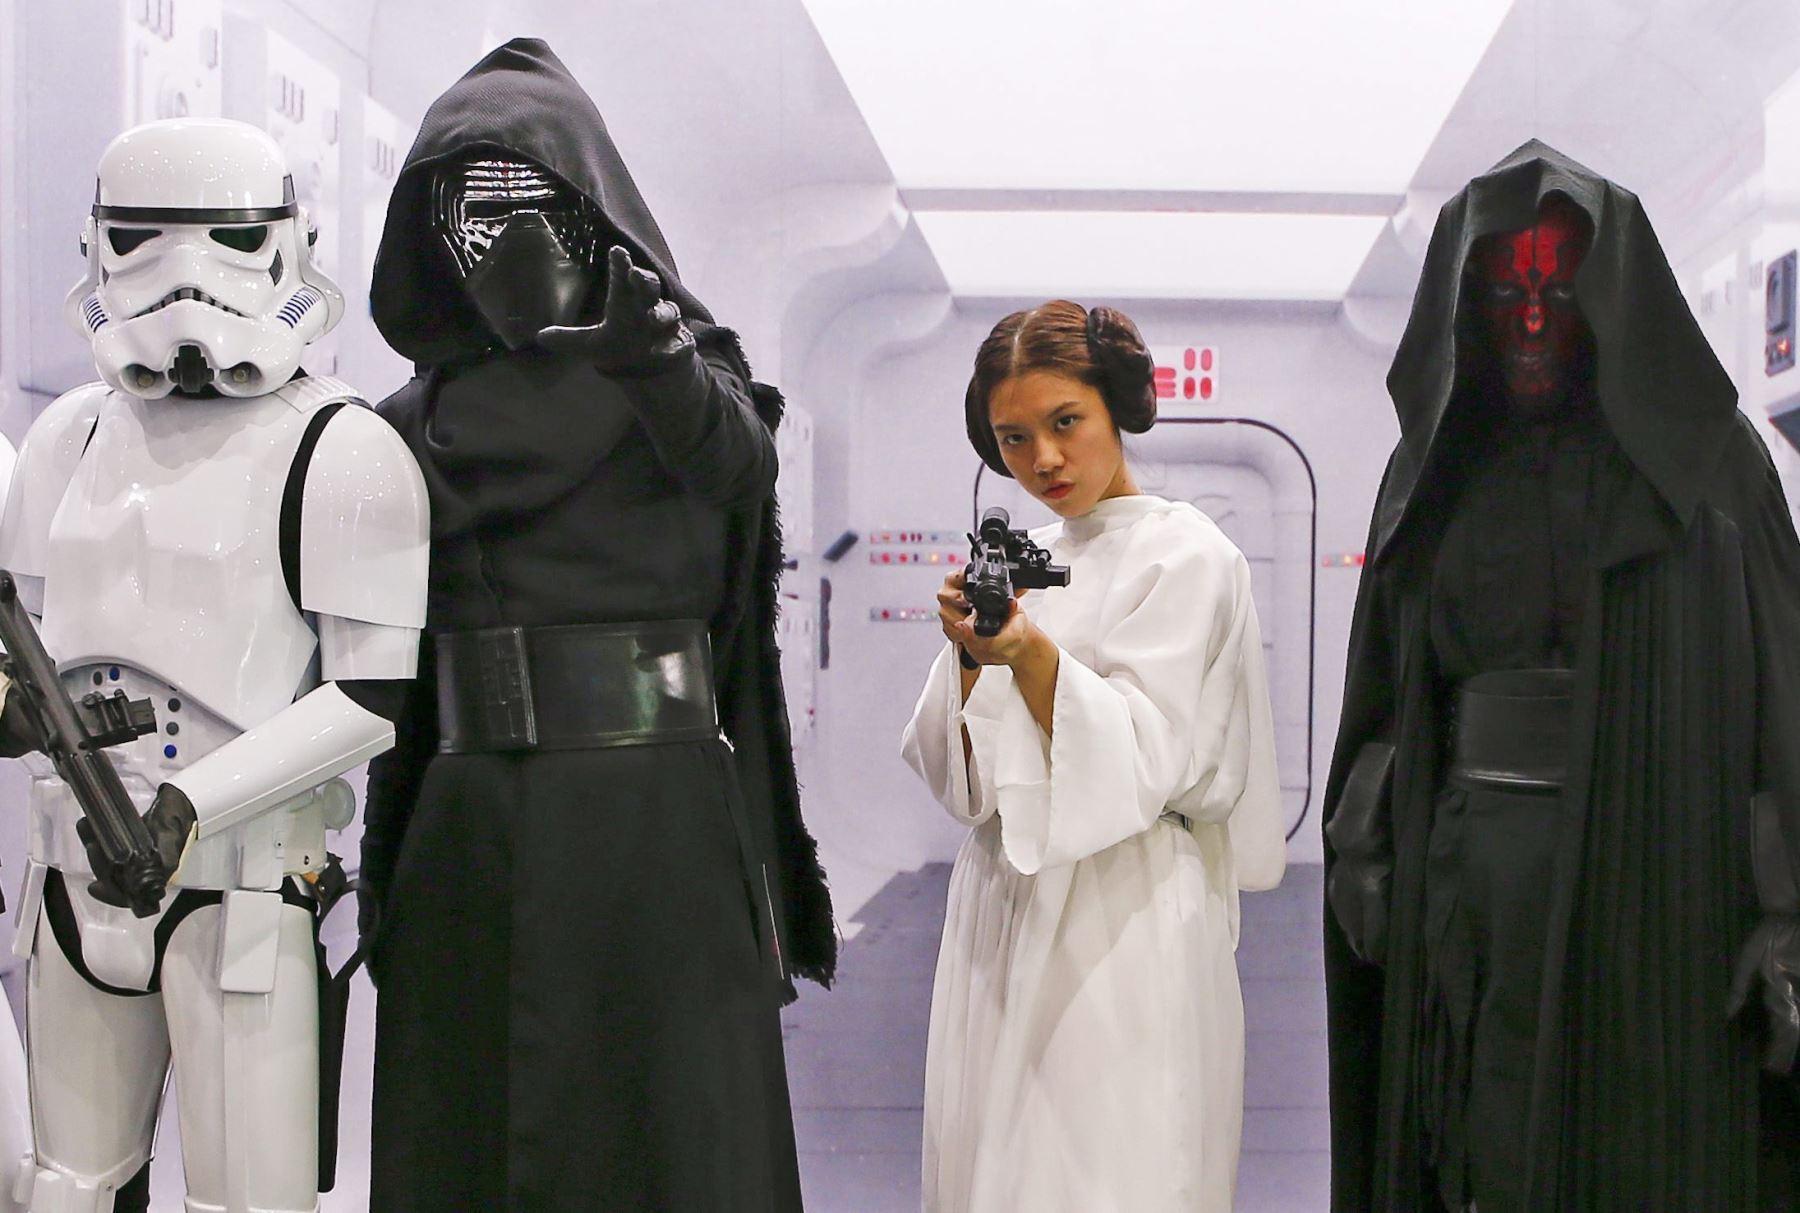 Varias personas disfrazadas de personajes de la saga Star Wars posan para los medios durante la Bangkok Comic en Tailandia. Foto: EFE